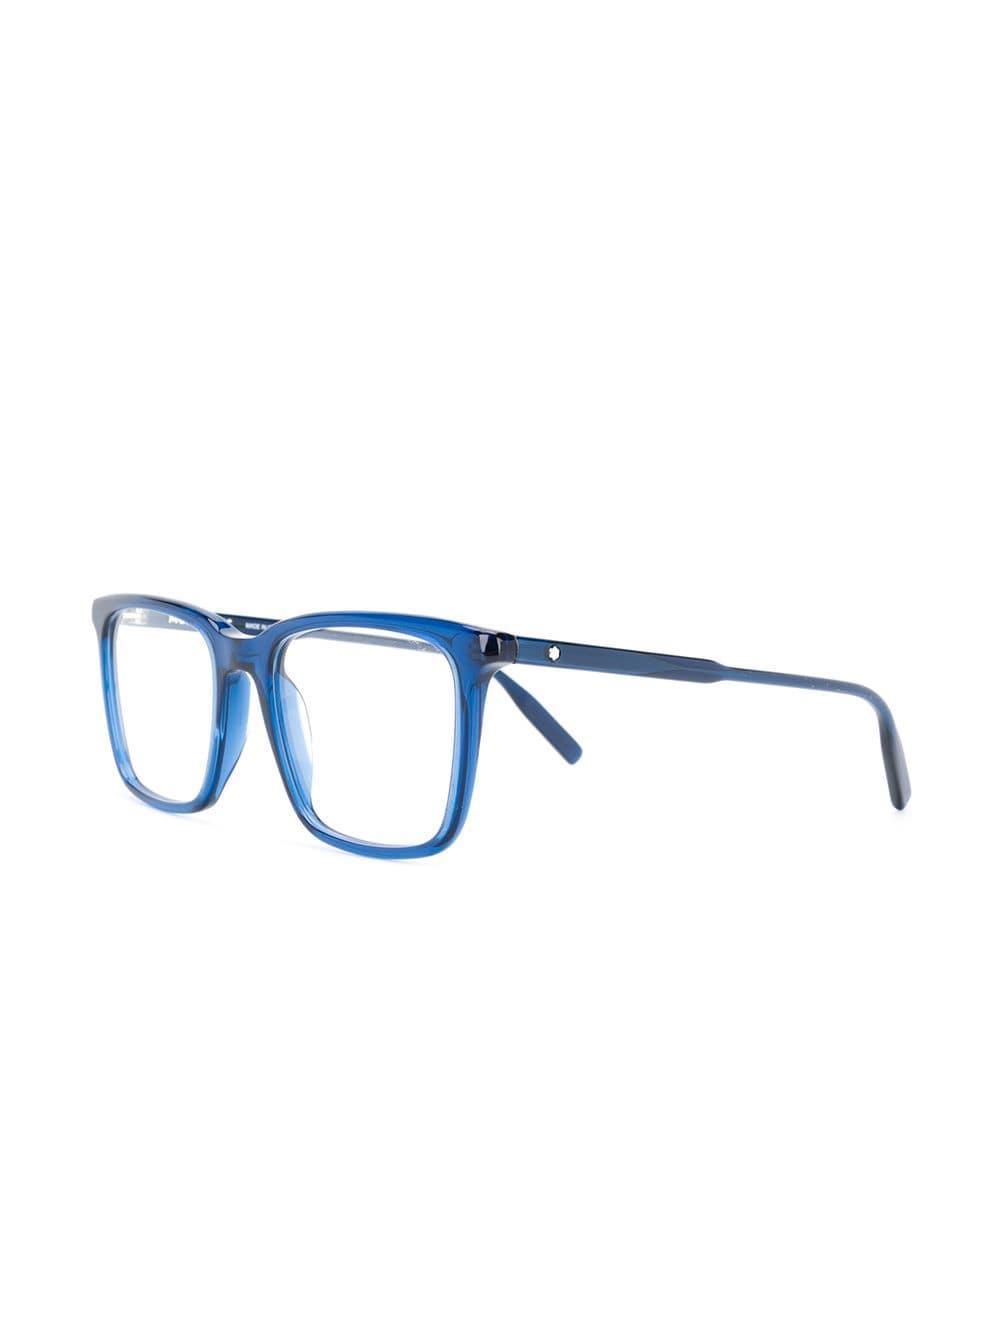 321cddb595 Montblanc - Blue Oversized Square Frame Glasses for Men - Lyst. View  fullscreen